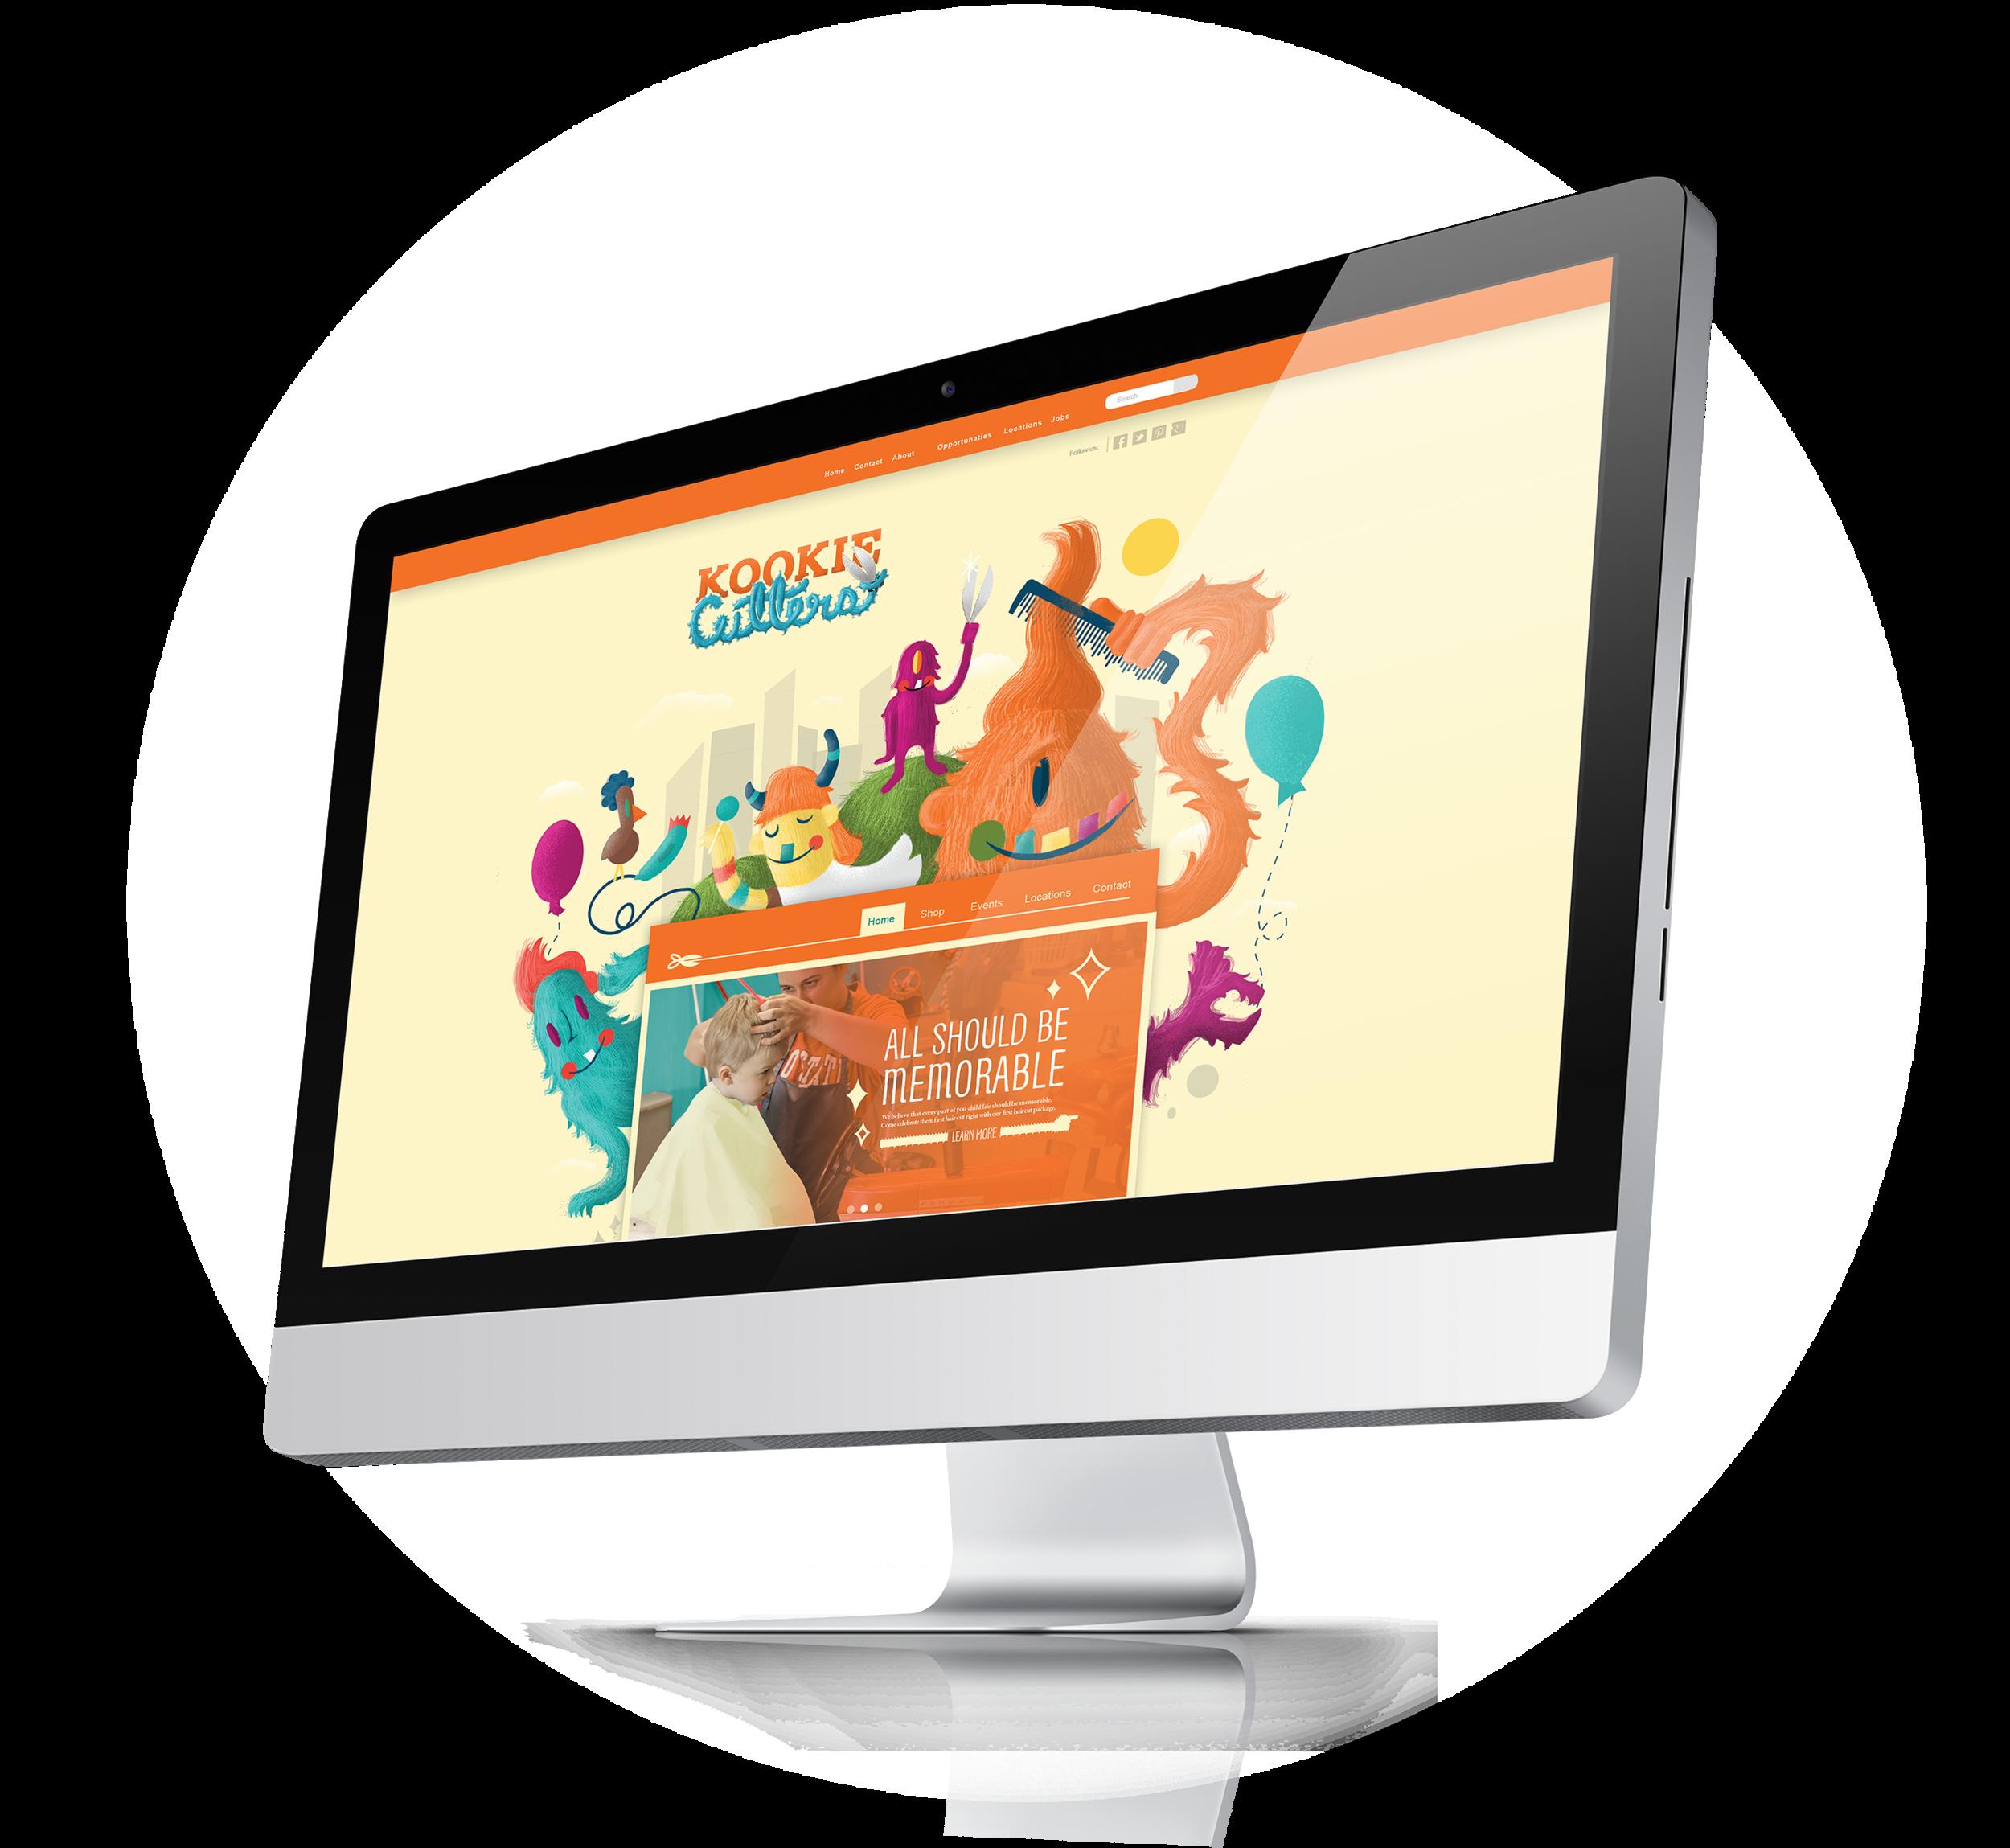 Kookie cutter website Behance.png